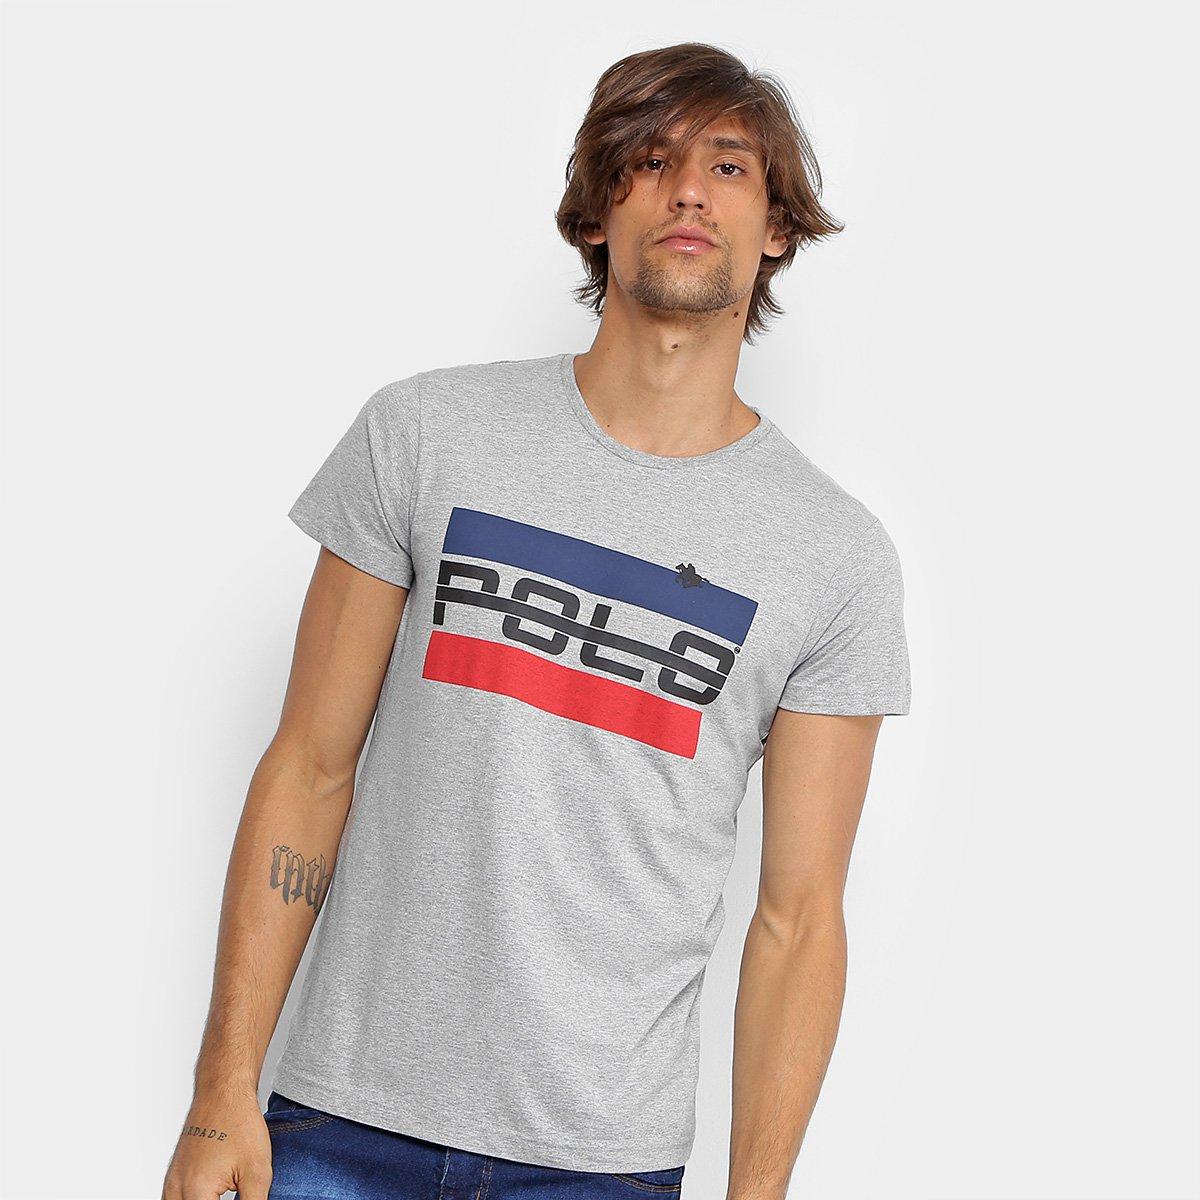 a808325d4 Camiseta RG 518 Logo Vintage Masculina